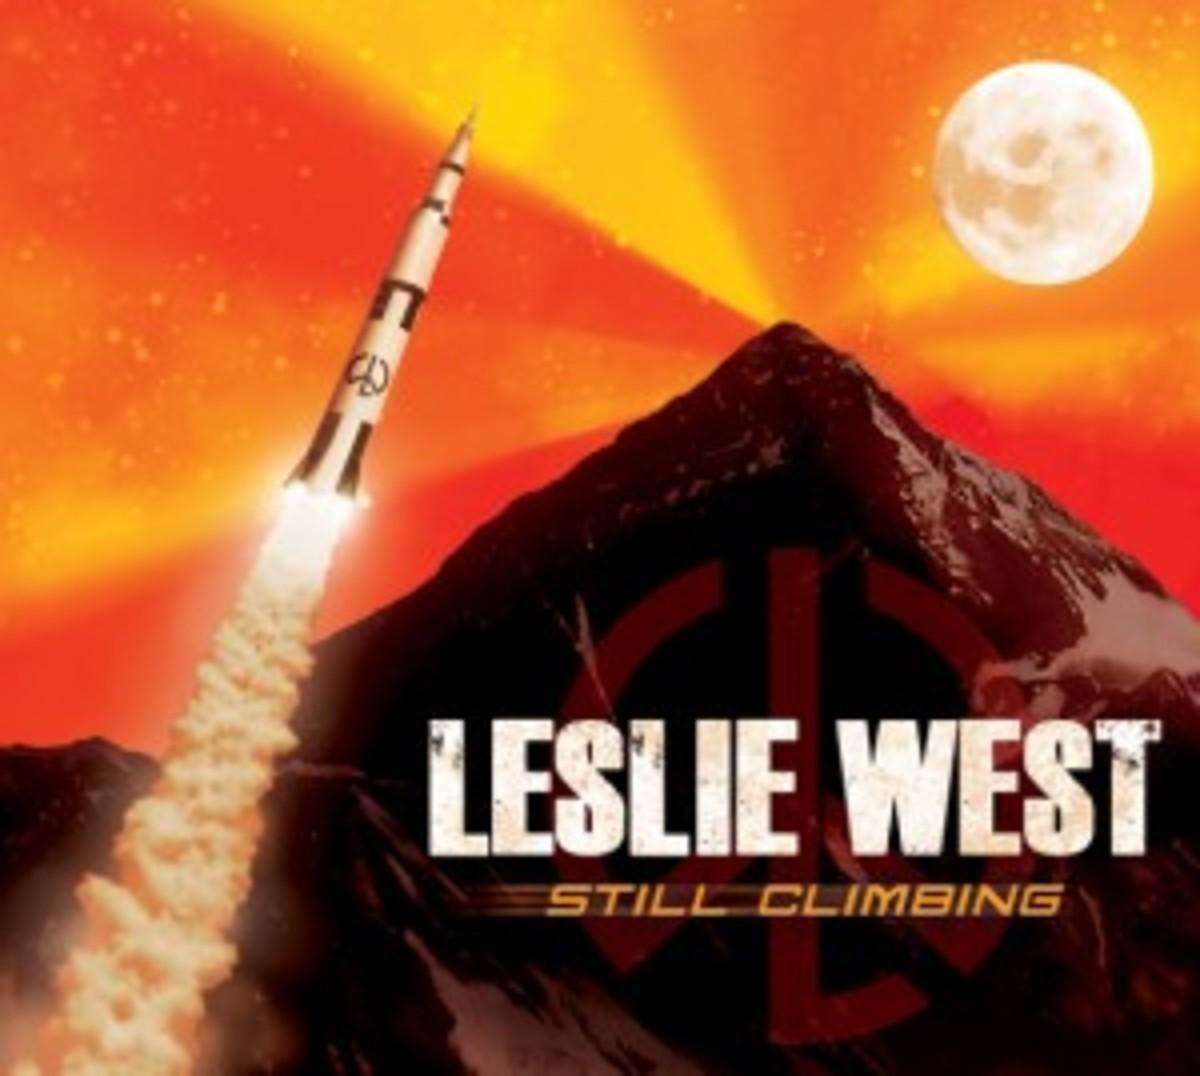 Leslie West Still Climbing